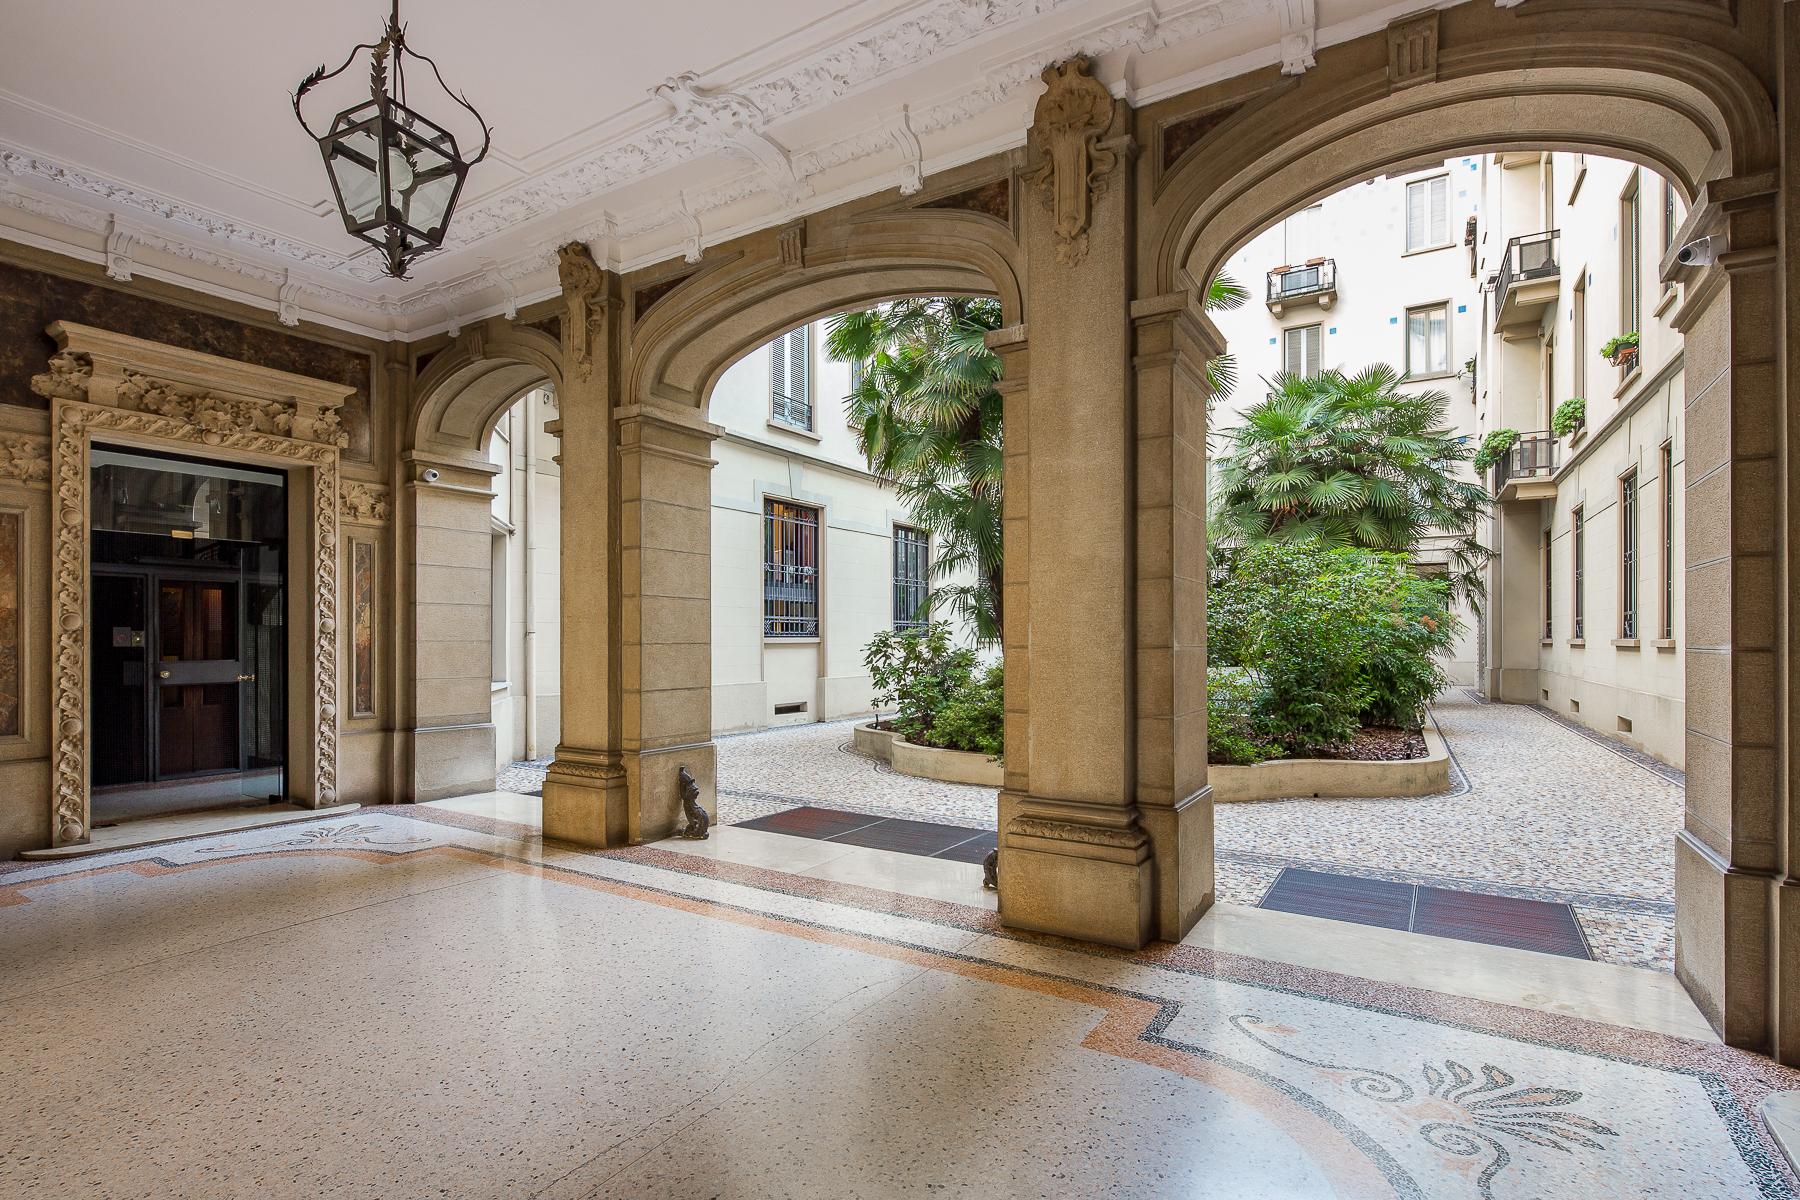 Attico in Vendita a Milano: 3 locali, 138 mq - Foto 22